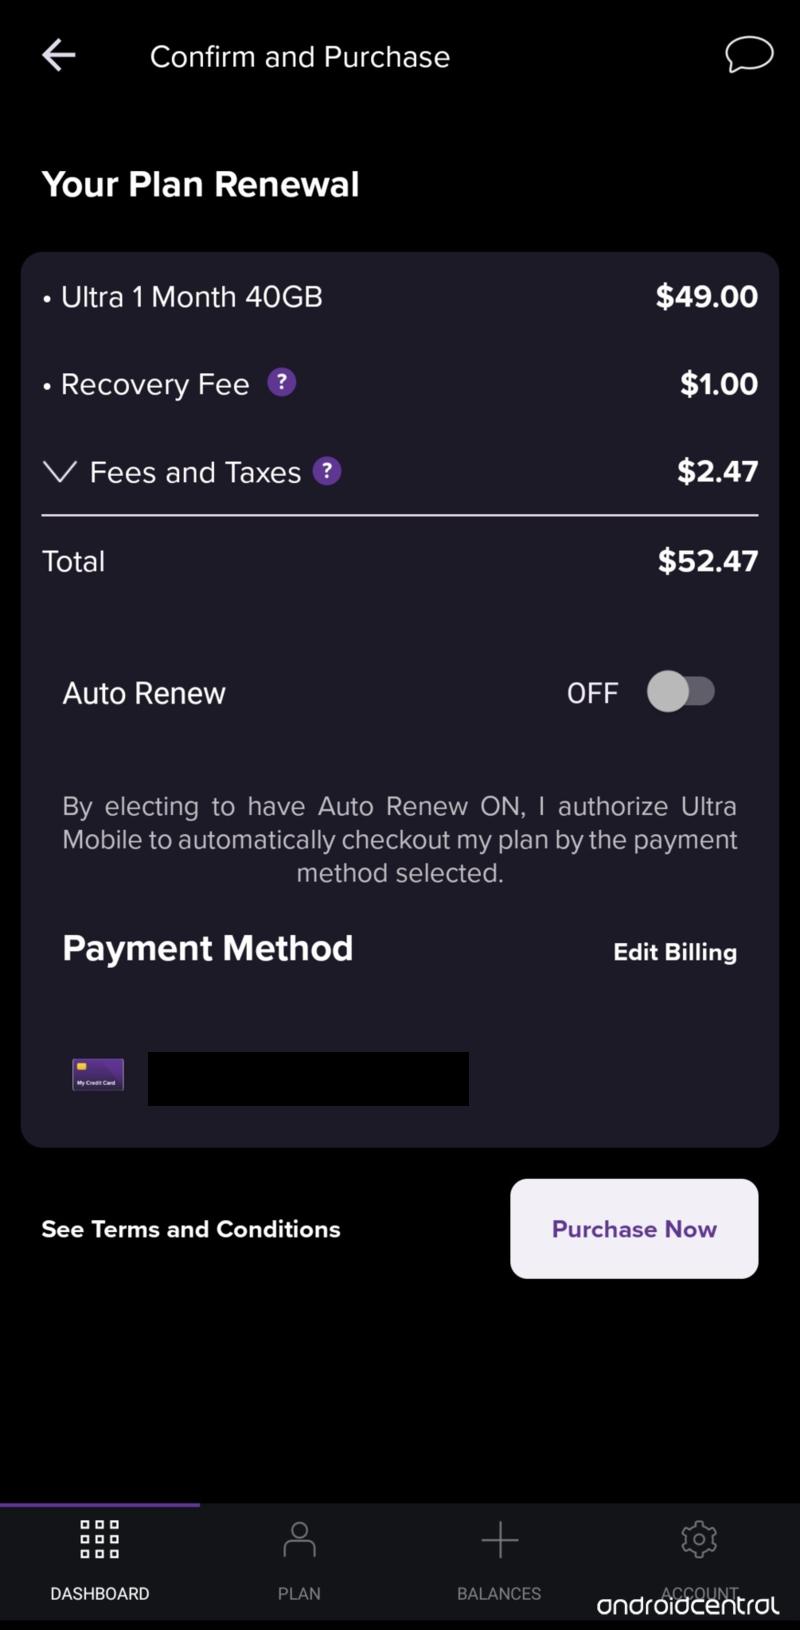 ultra-mobile-renewal-app-2.png